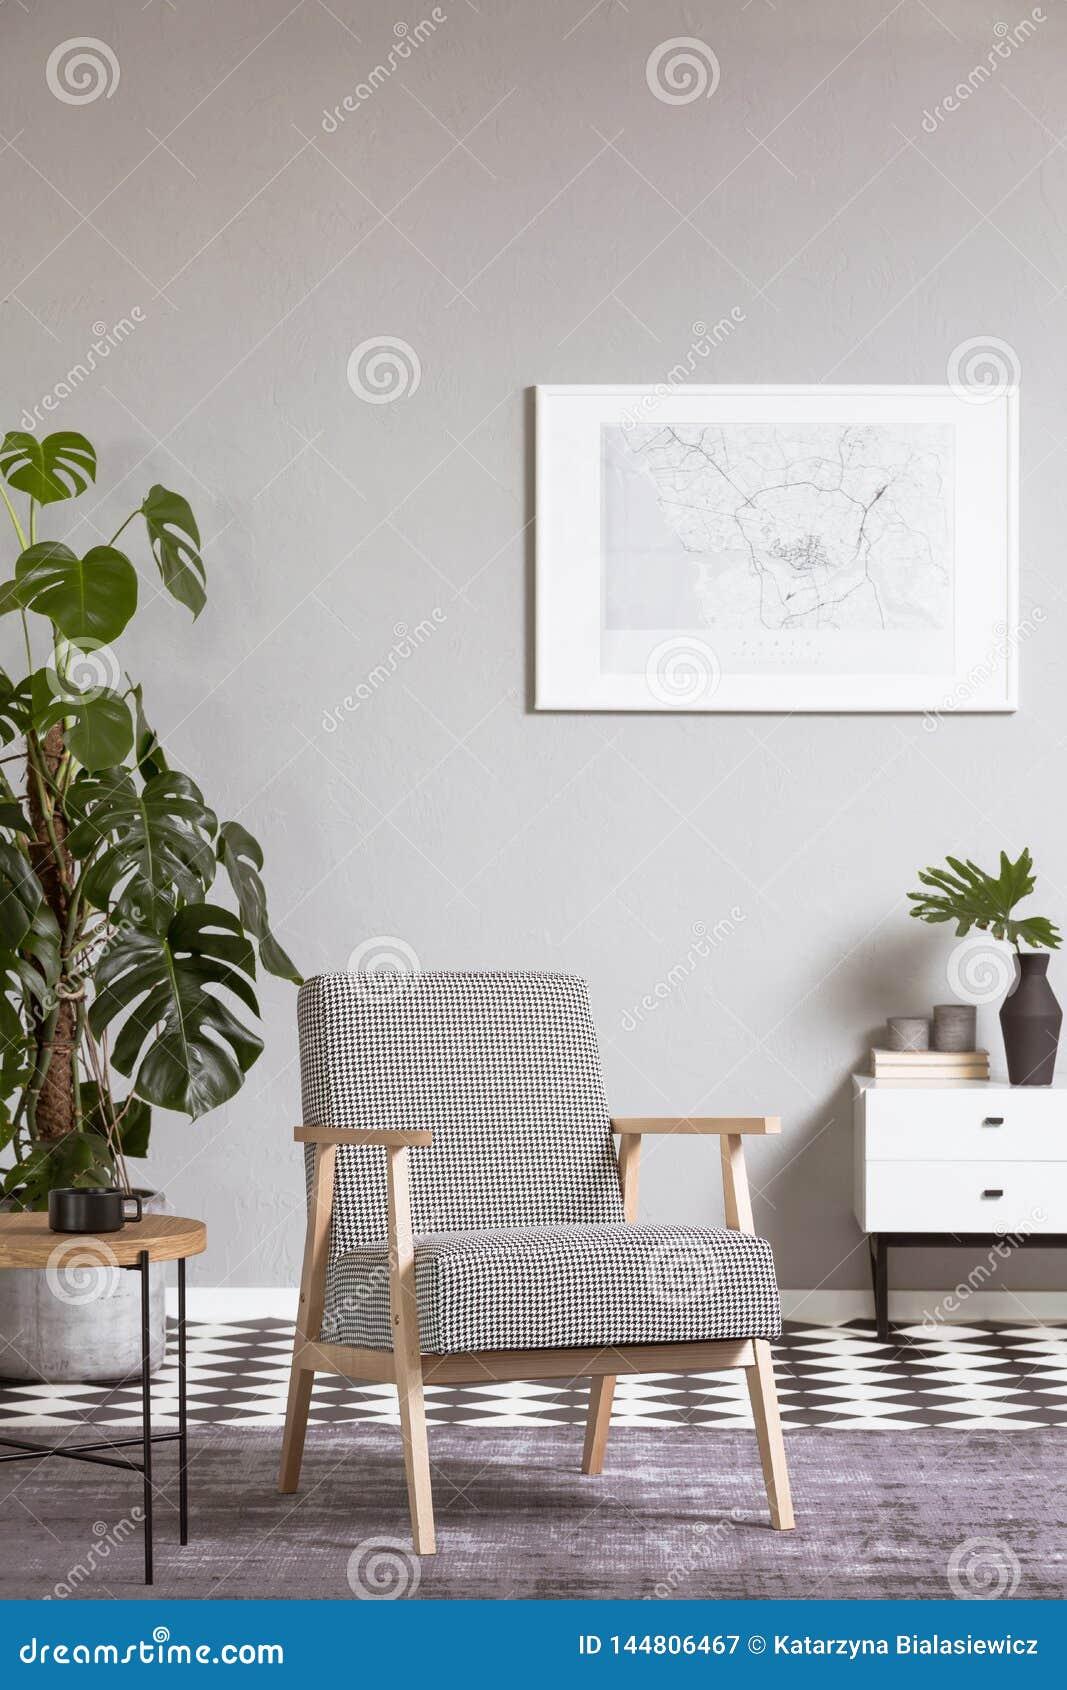 Κομψή εκλεκτής ποιότητας πολυθρόνα στο εσωτερικό καθιστικών με τη ζωγραφική στον τοίχο